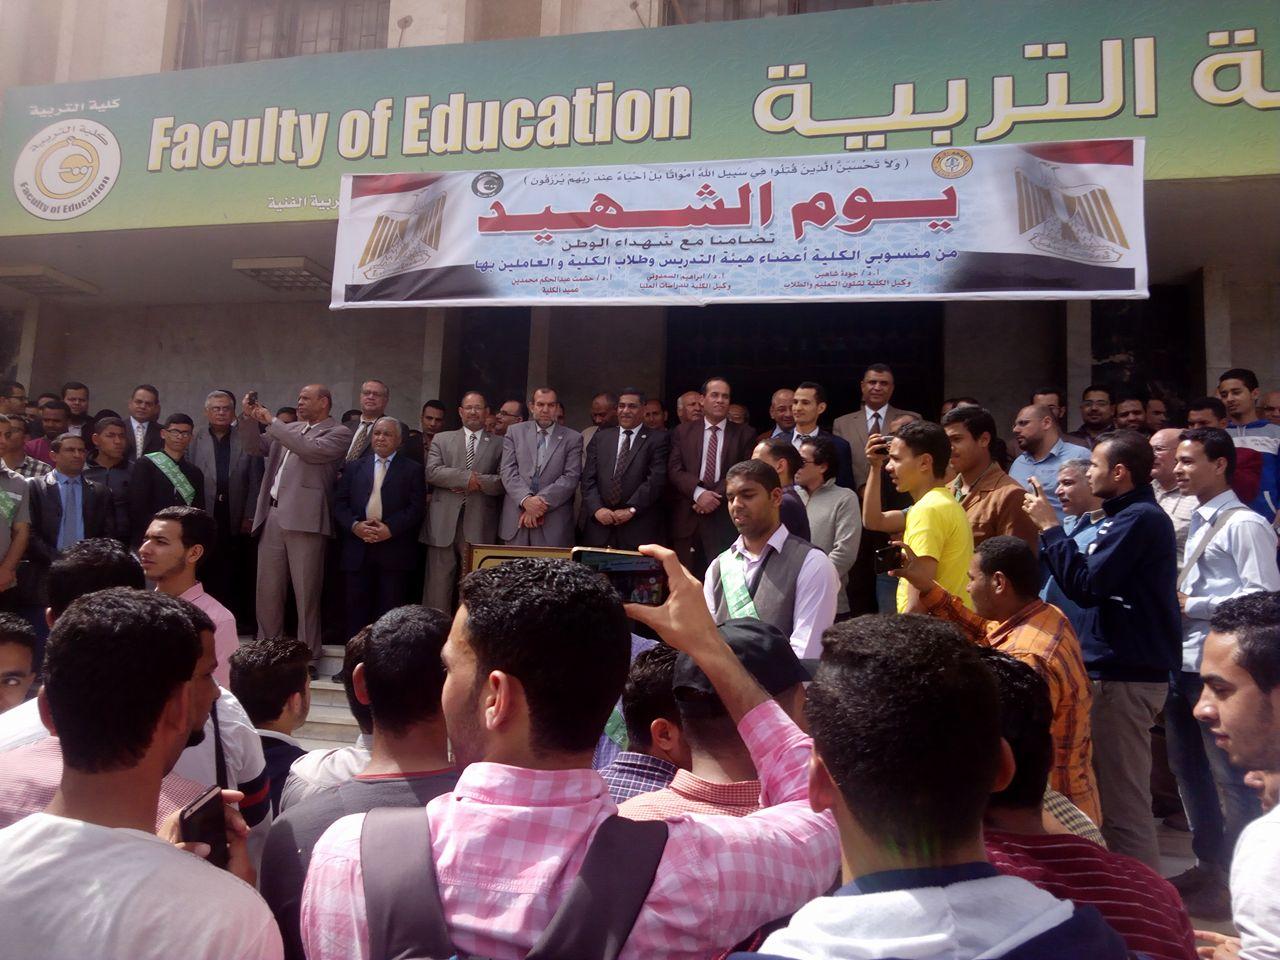 جانب من وقفة يوم الشهيد فى كلية التربية جامعة الأزهر